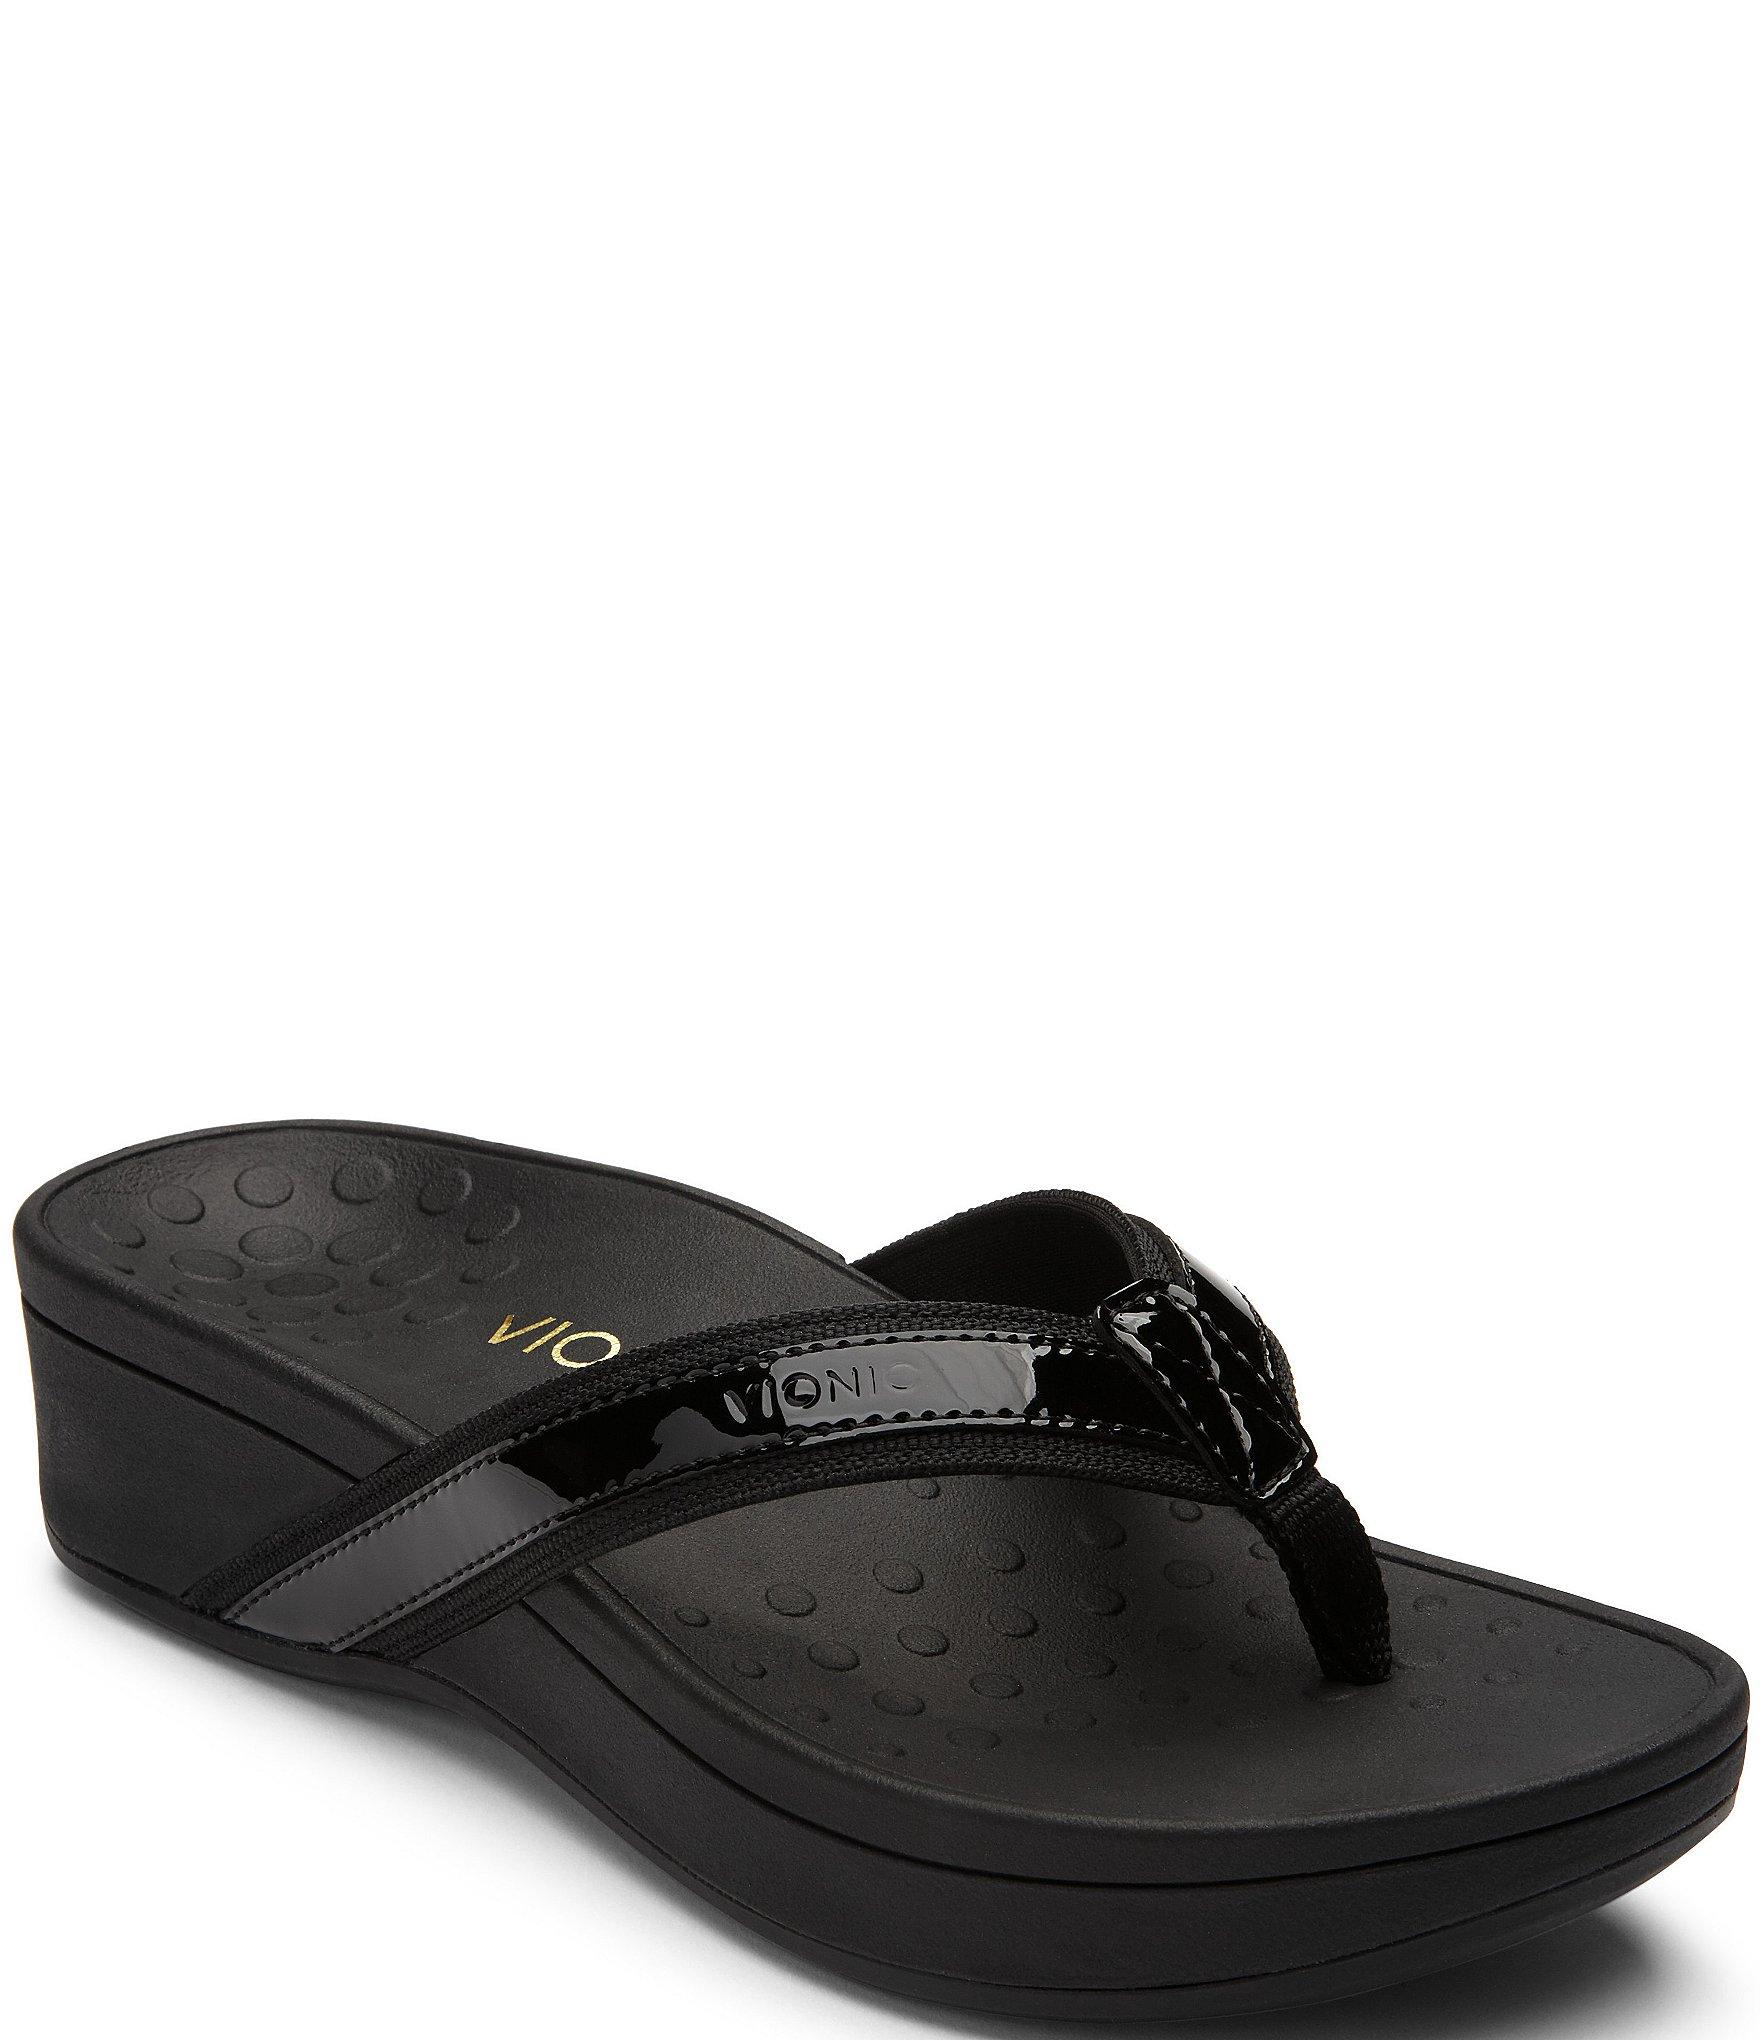 Vionic Pacific High Tide Leather  Textile Flip-Flops -4956